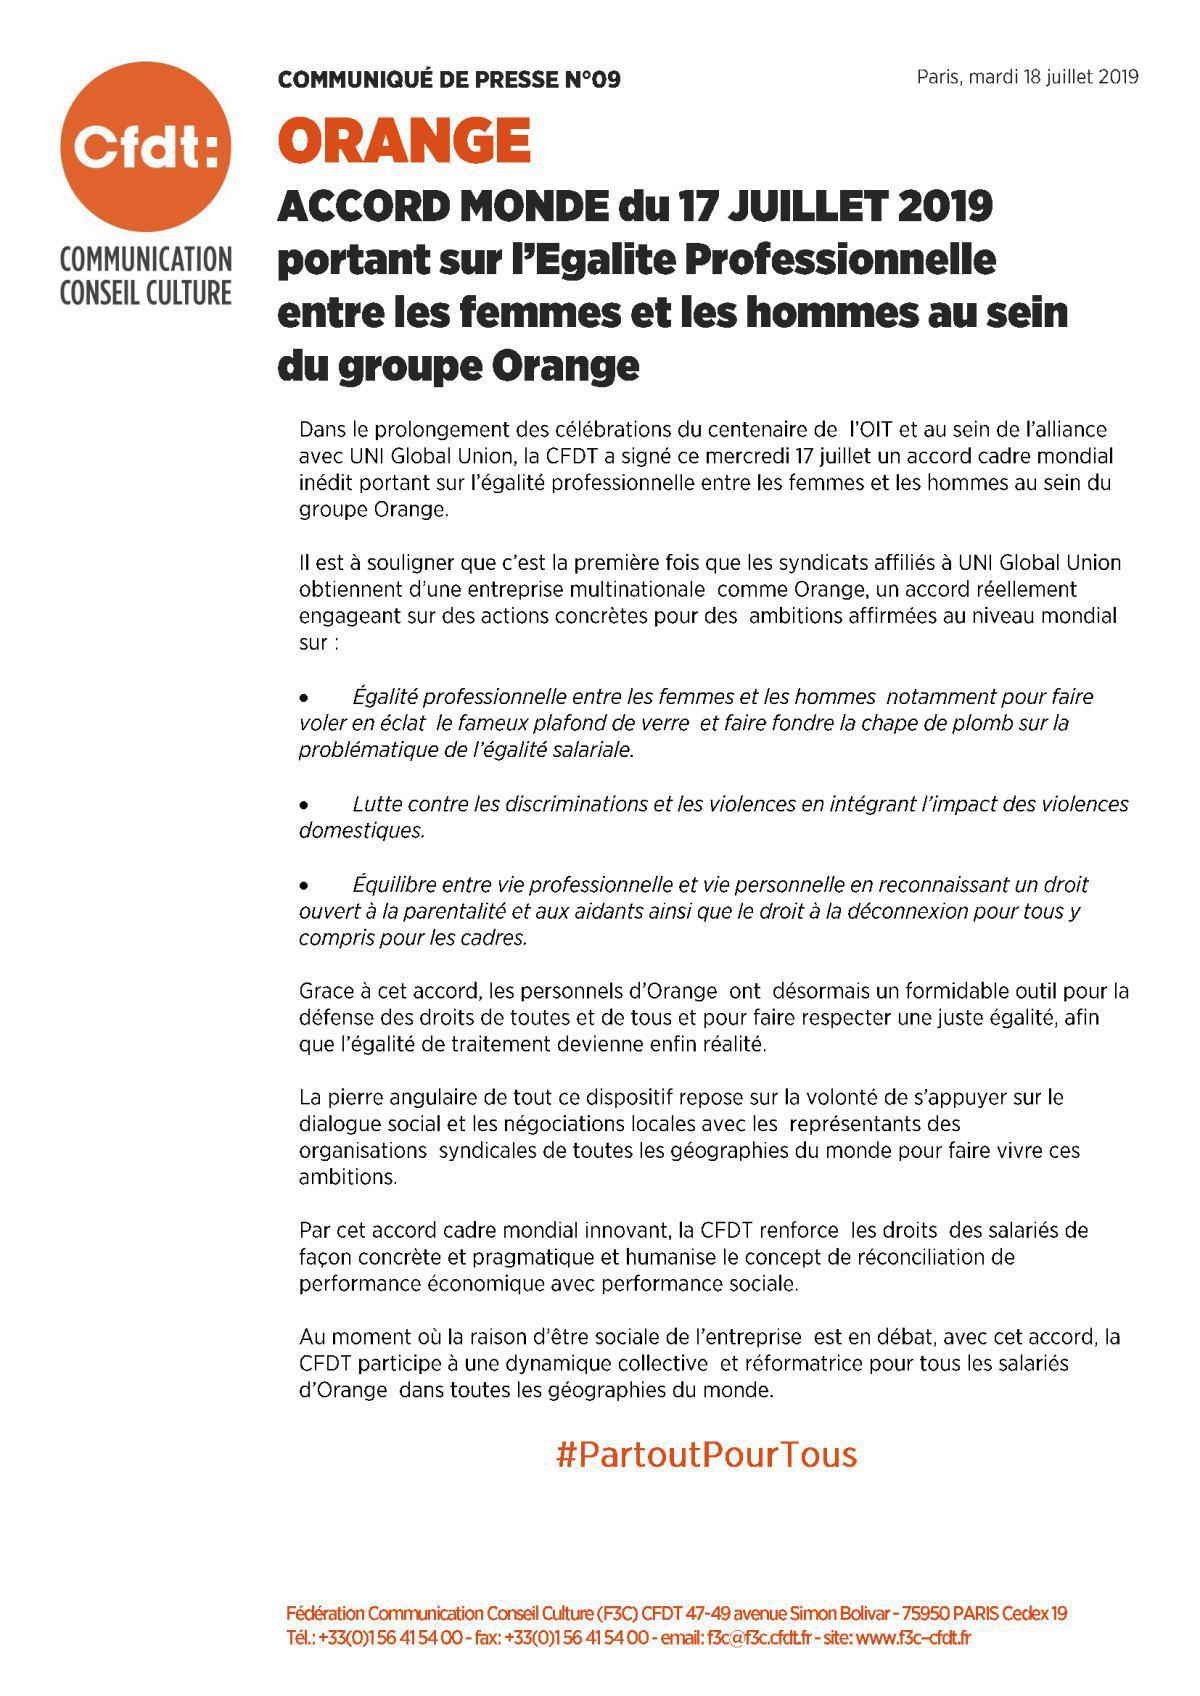 Accord Monde sur l'égalité professionnelle au sein du Groupe Orange Juillet 2019